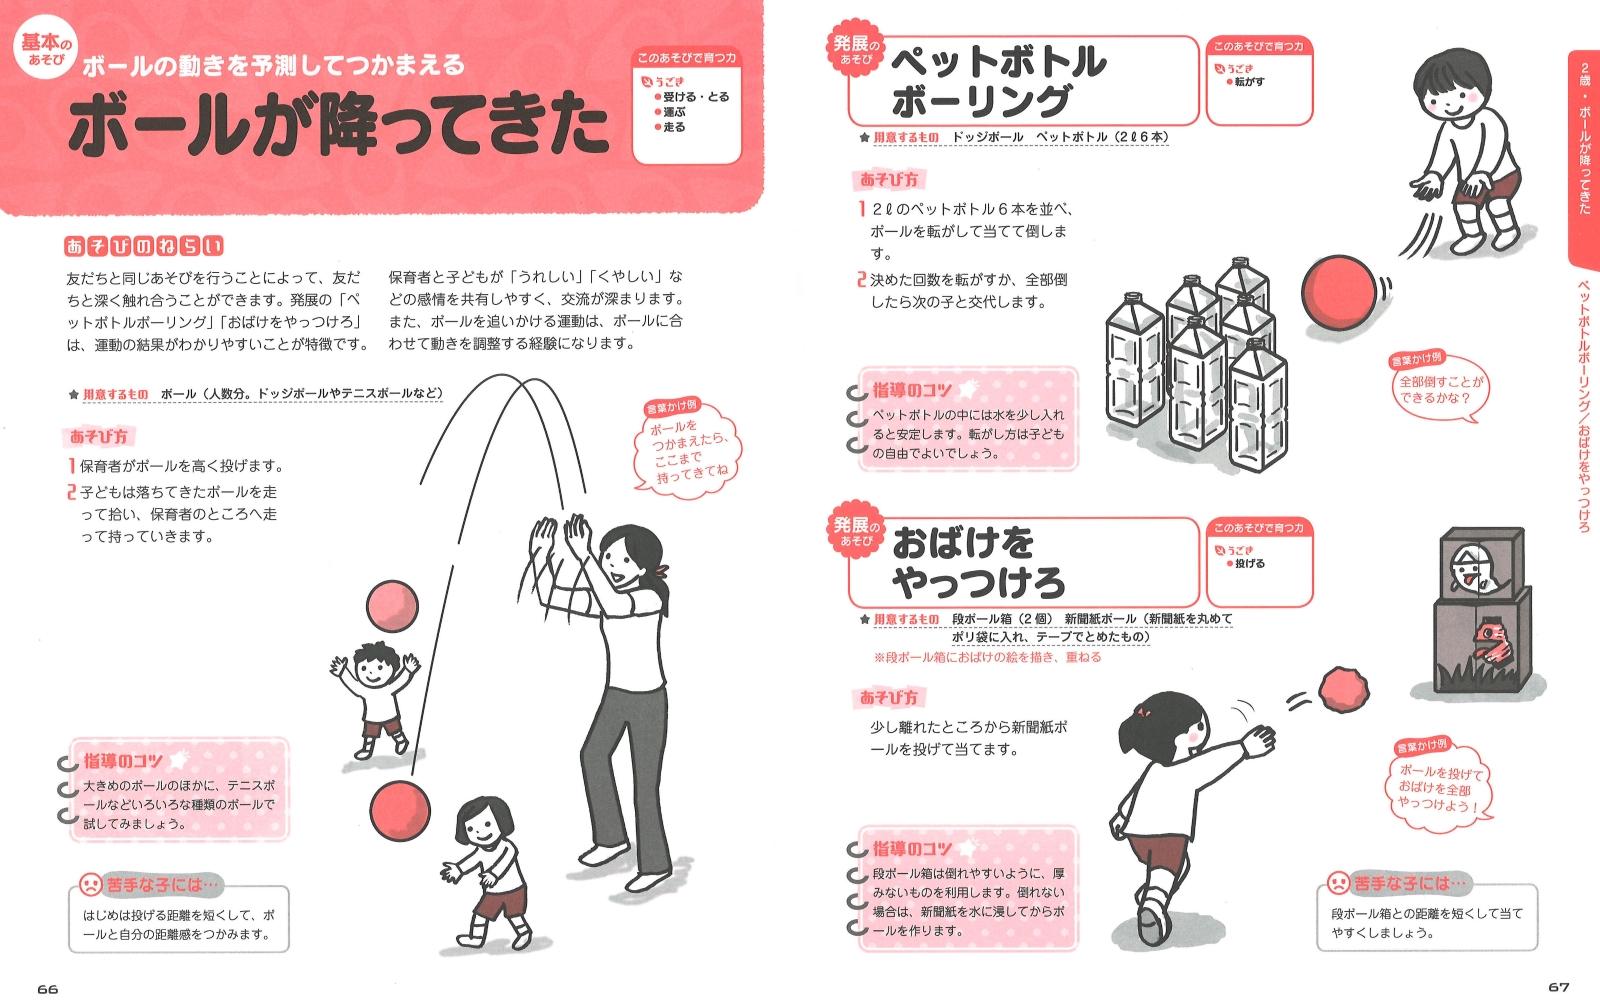 遊び 運動 2 歳児